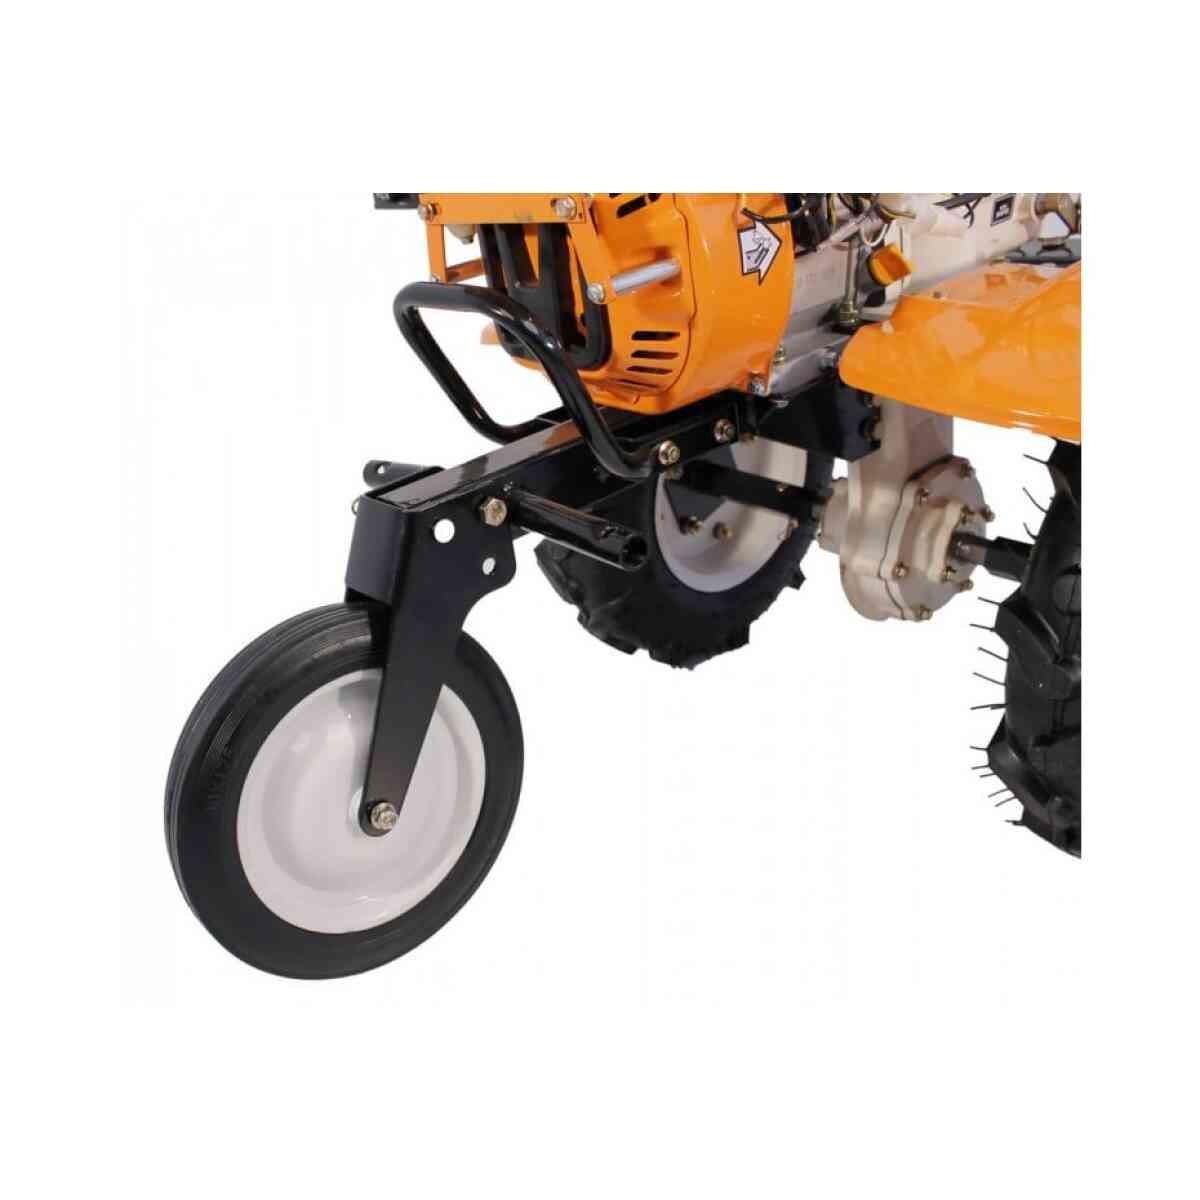 motocultor o mac new 1000 s 8cp cu roti o mac.ro 1 1 88